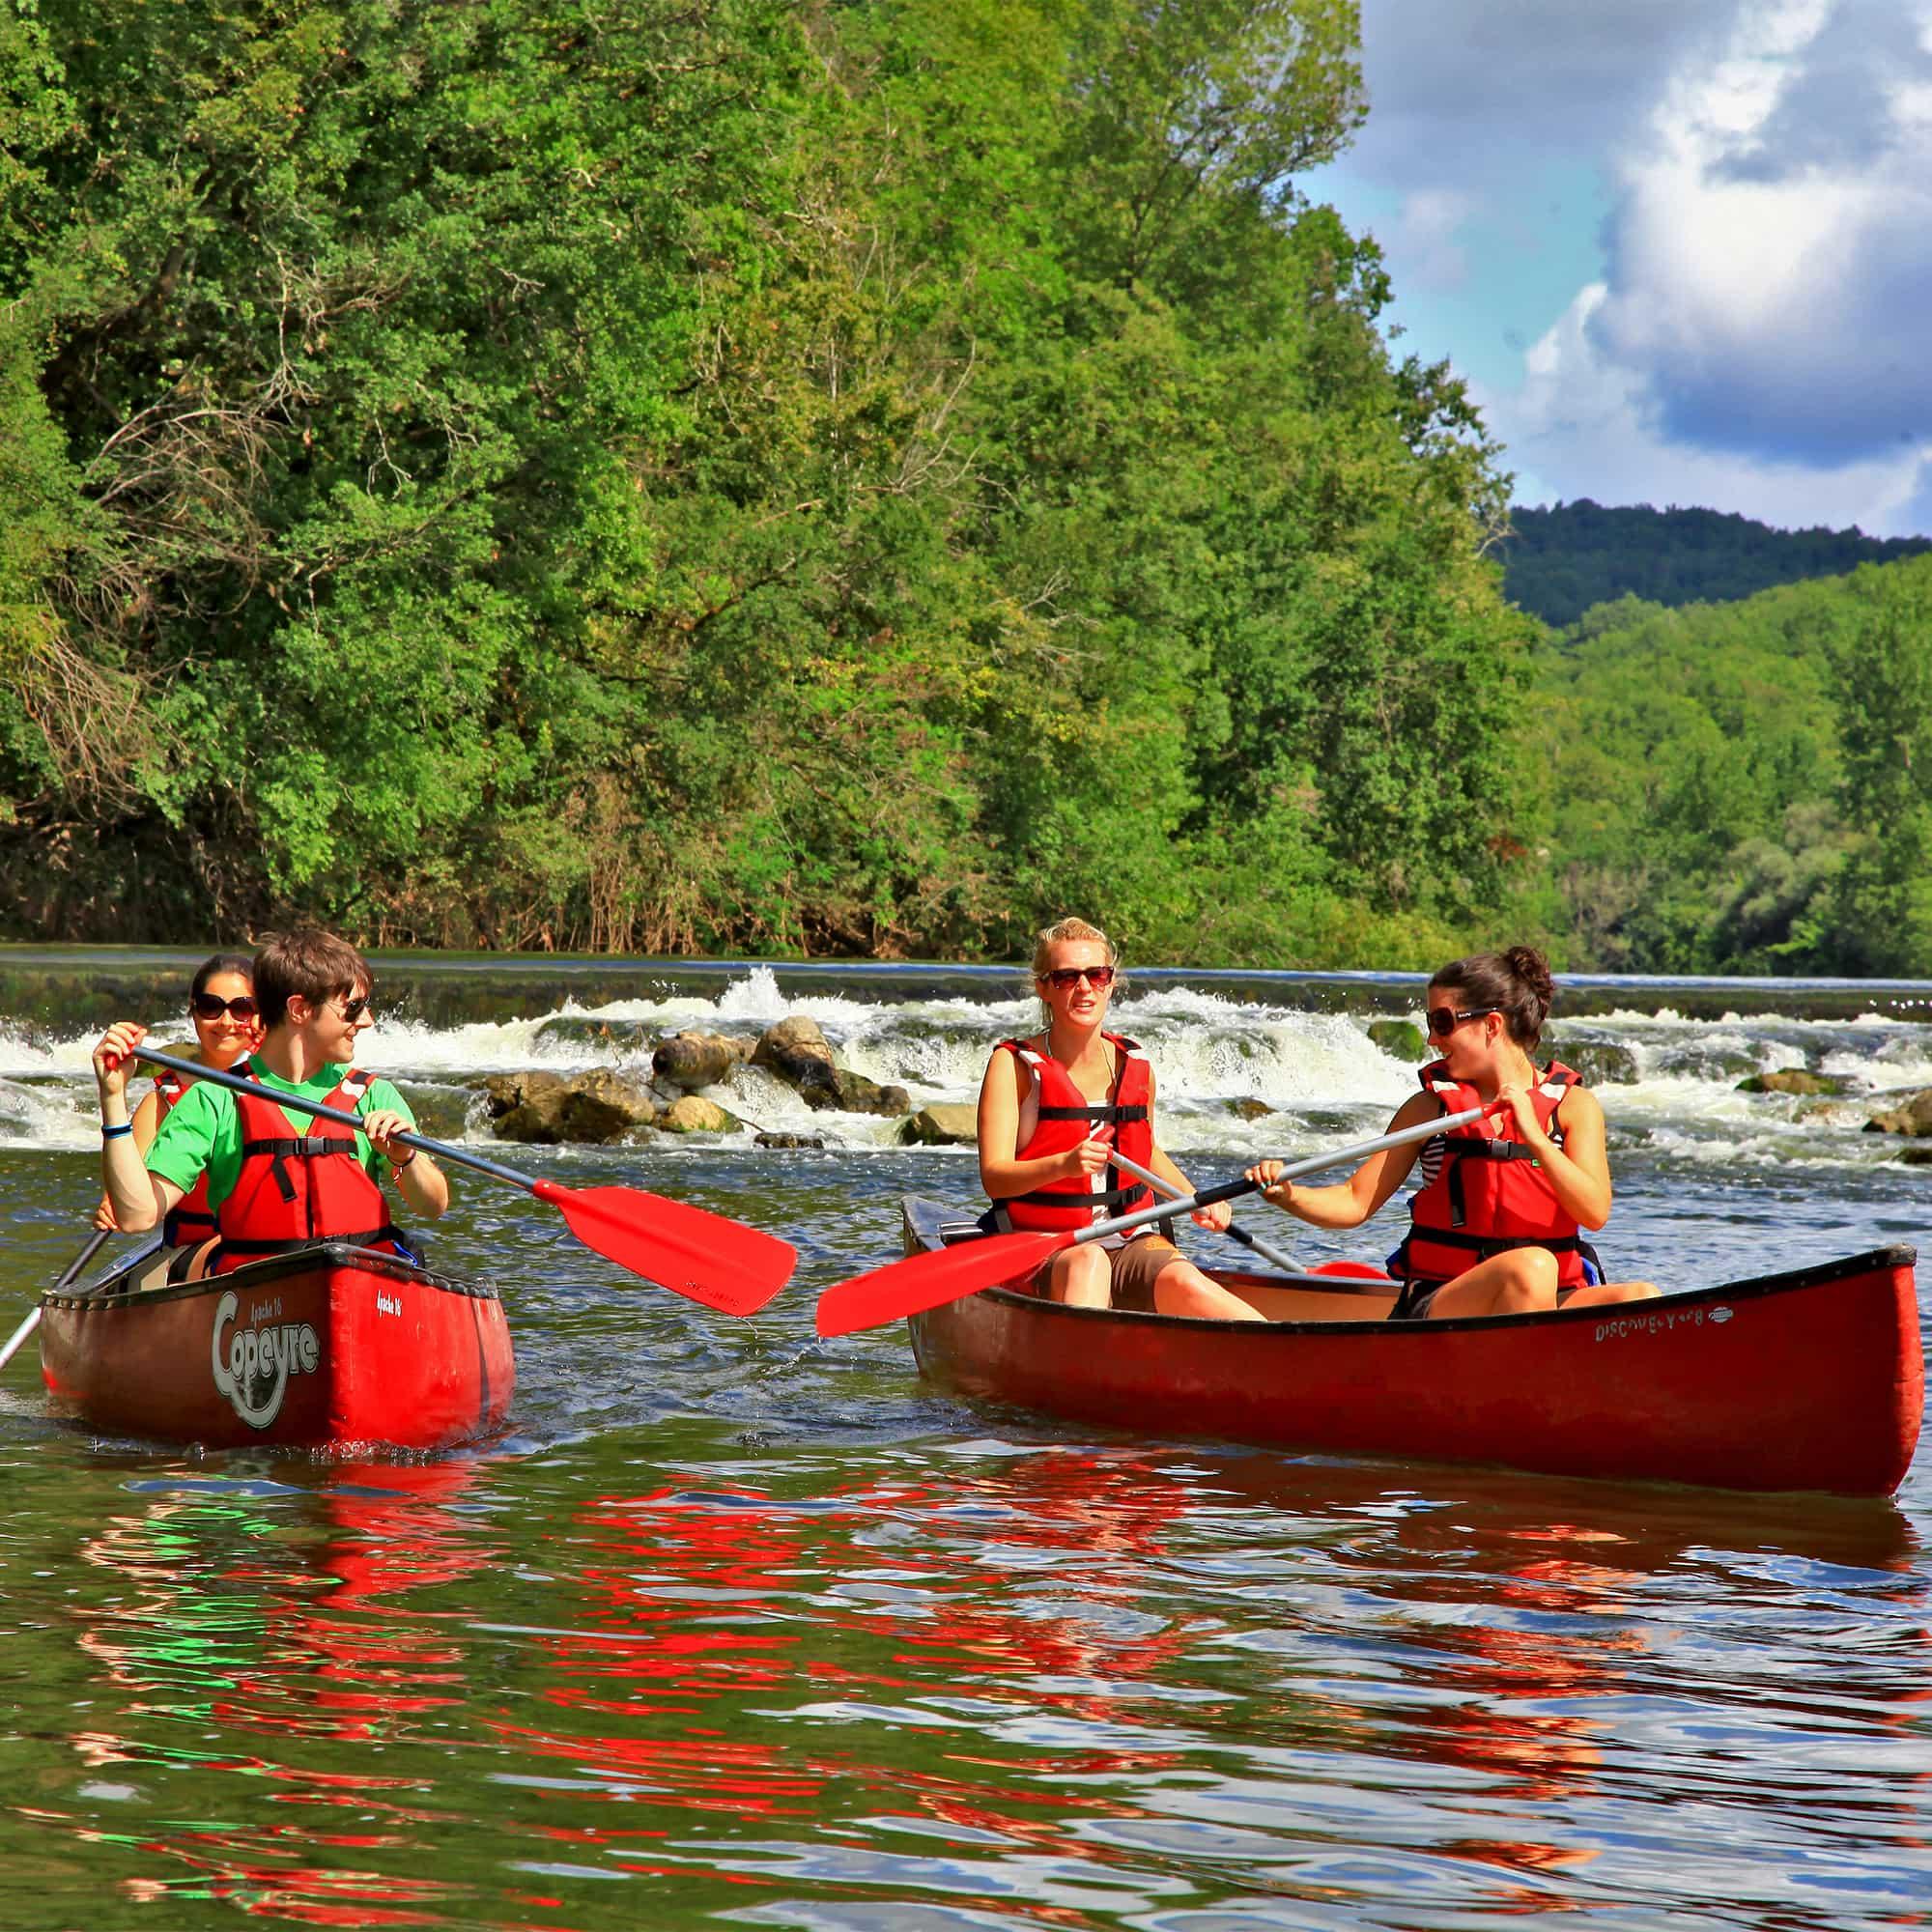 activité canoe dordogne Corrèze malpas vacances camping